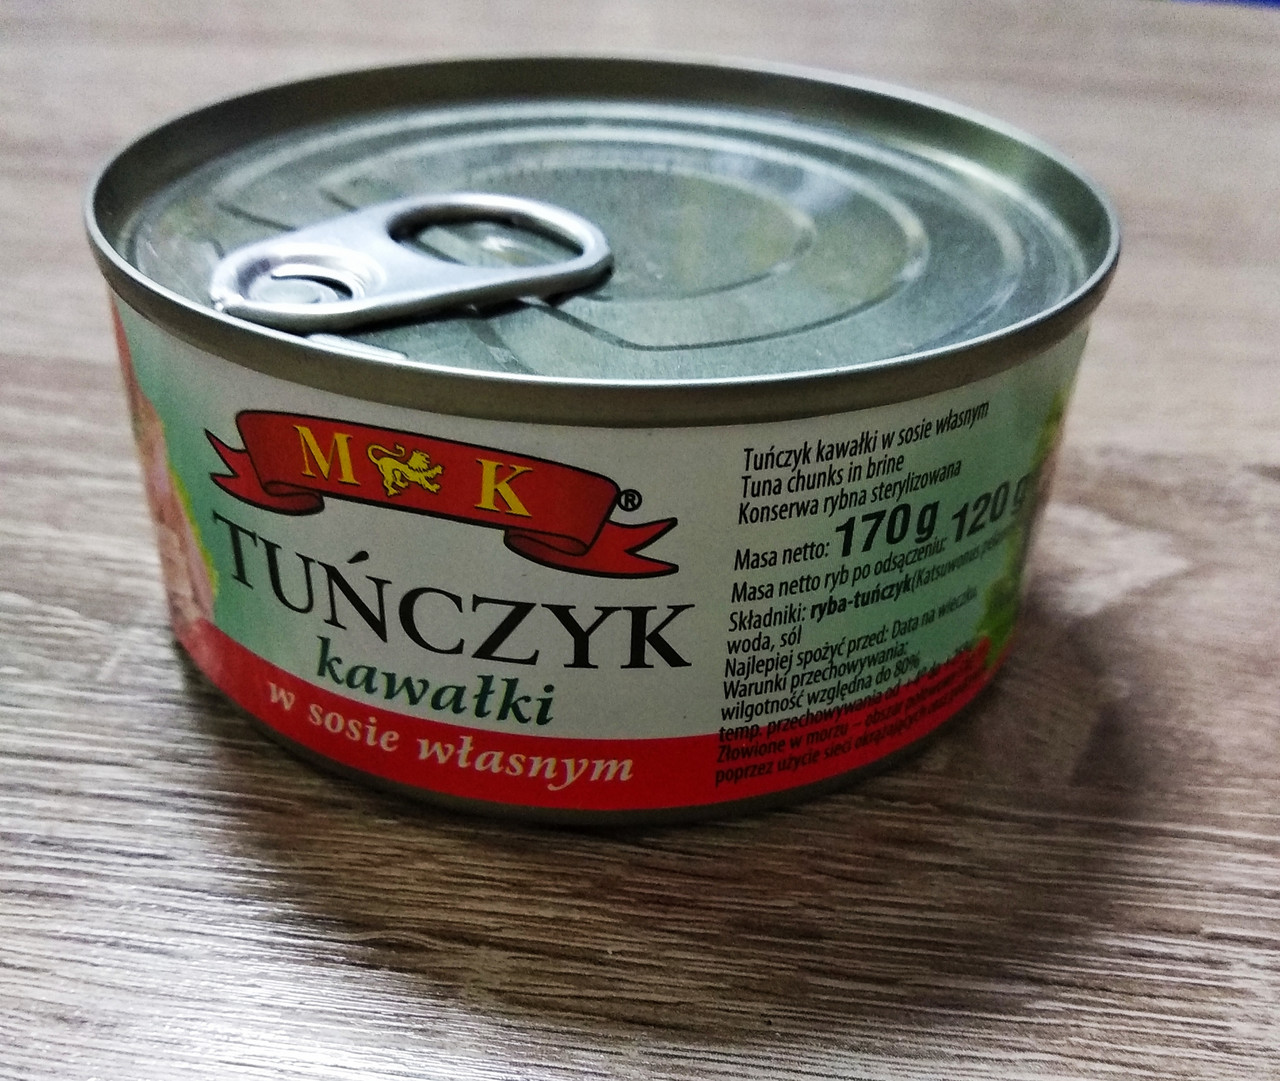 Тунець МK Tunczyk куском у власному соці 170 гр.